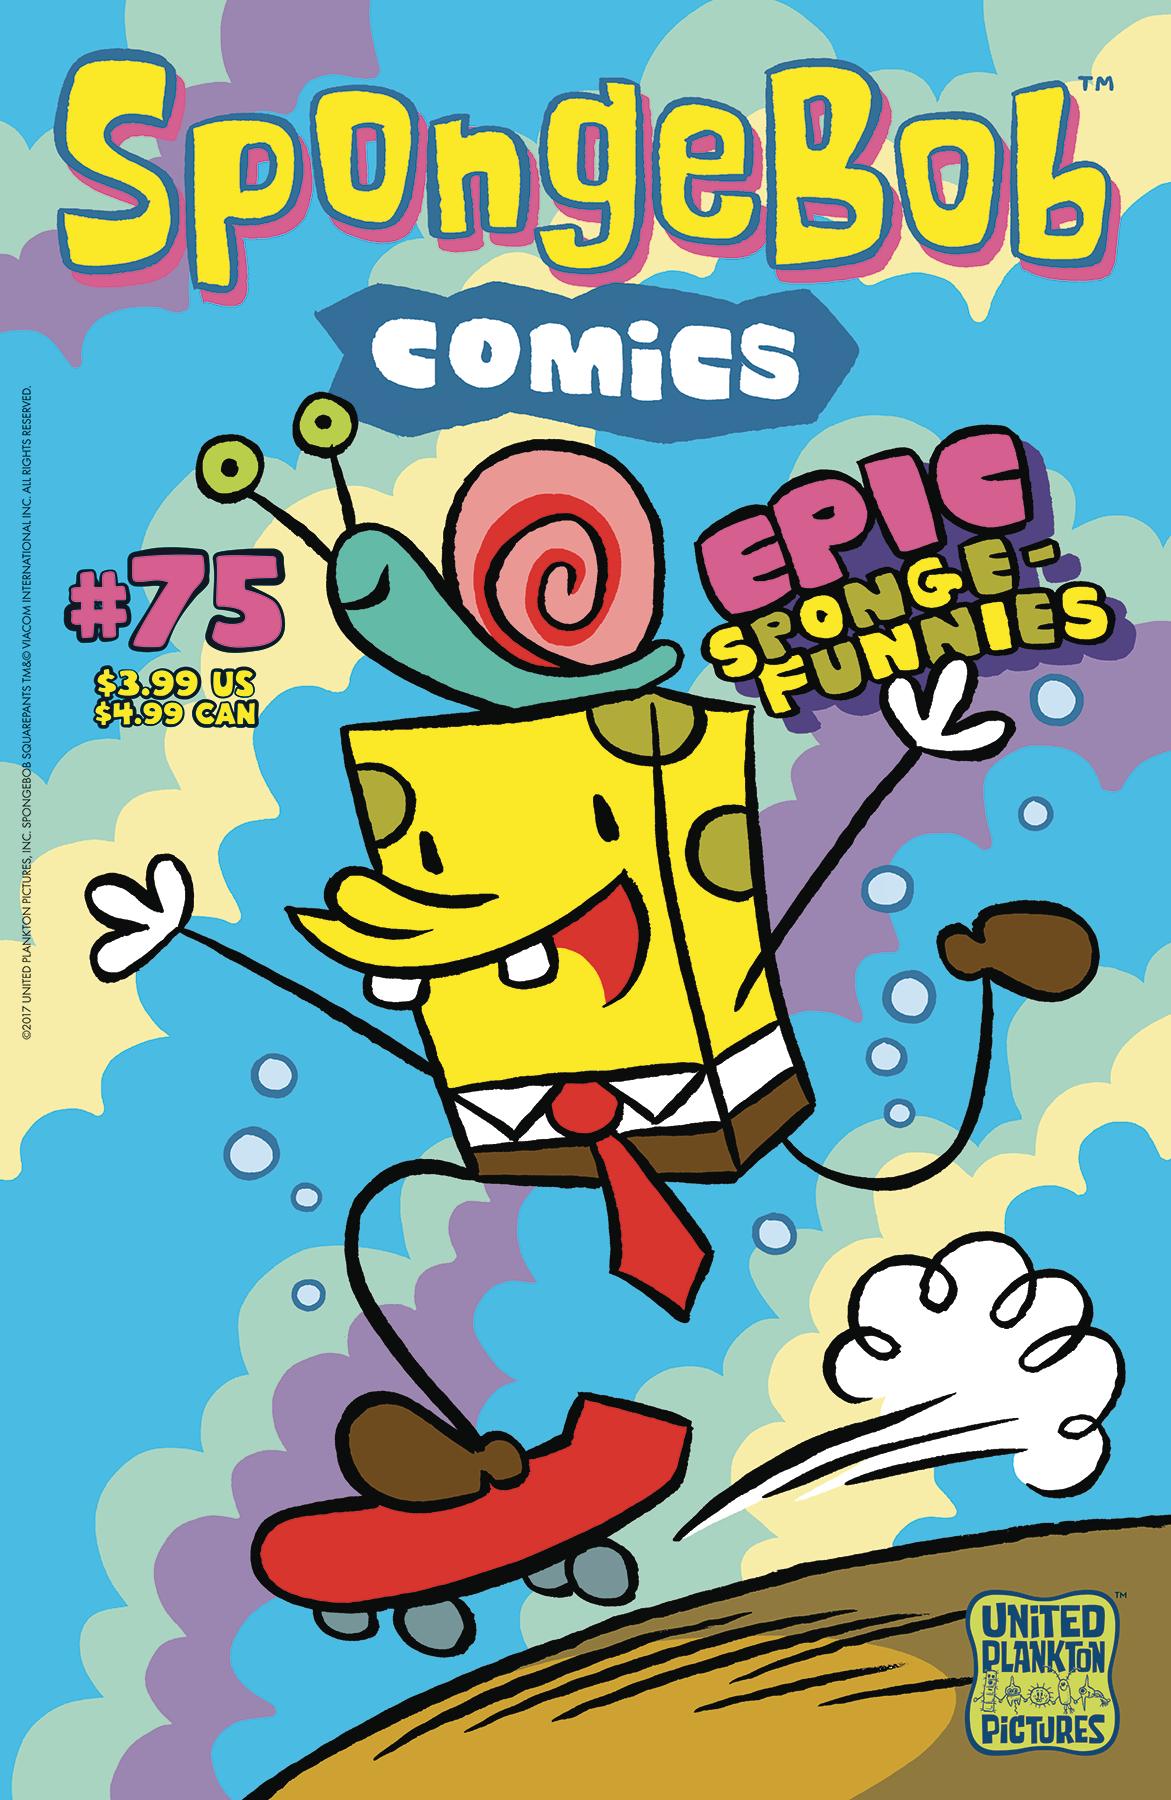 SPONGEBOB COMICS #75